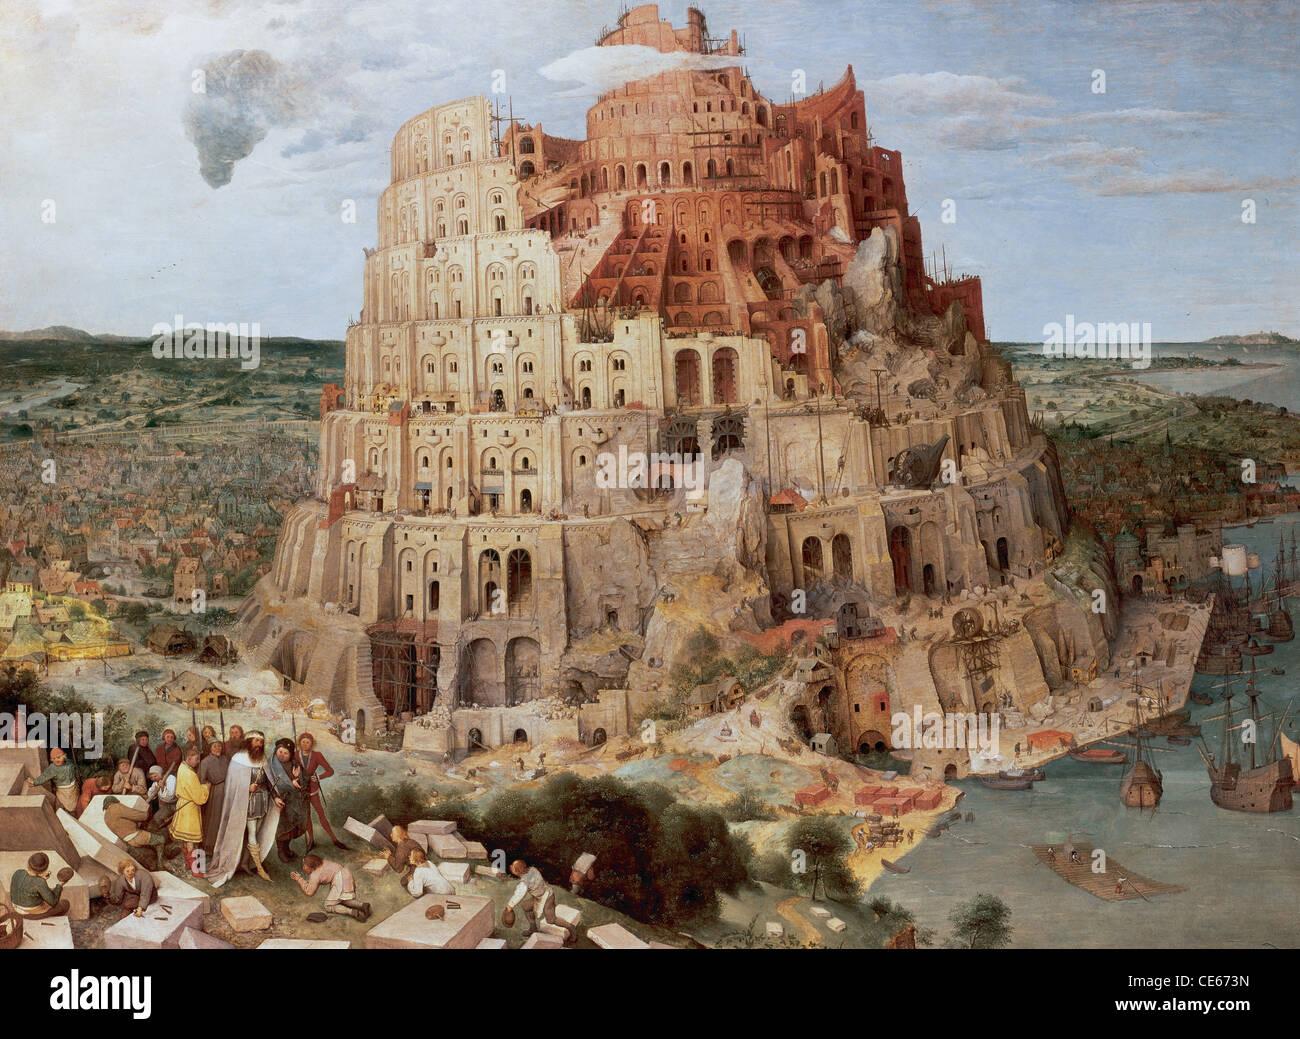 Pieter Bruegel (Brueghel) Il Sambuco (c. 1525-1569). La torre di Babele (c. 1563). Olio su pannello. Immagini Stock